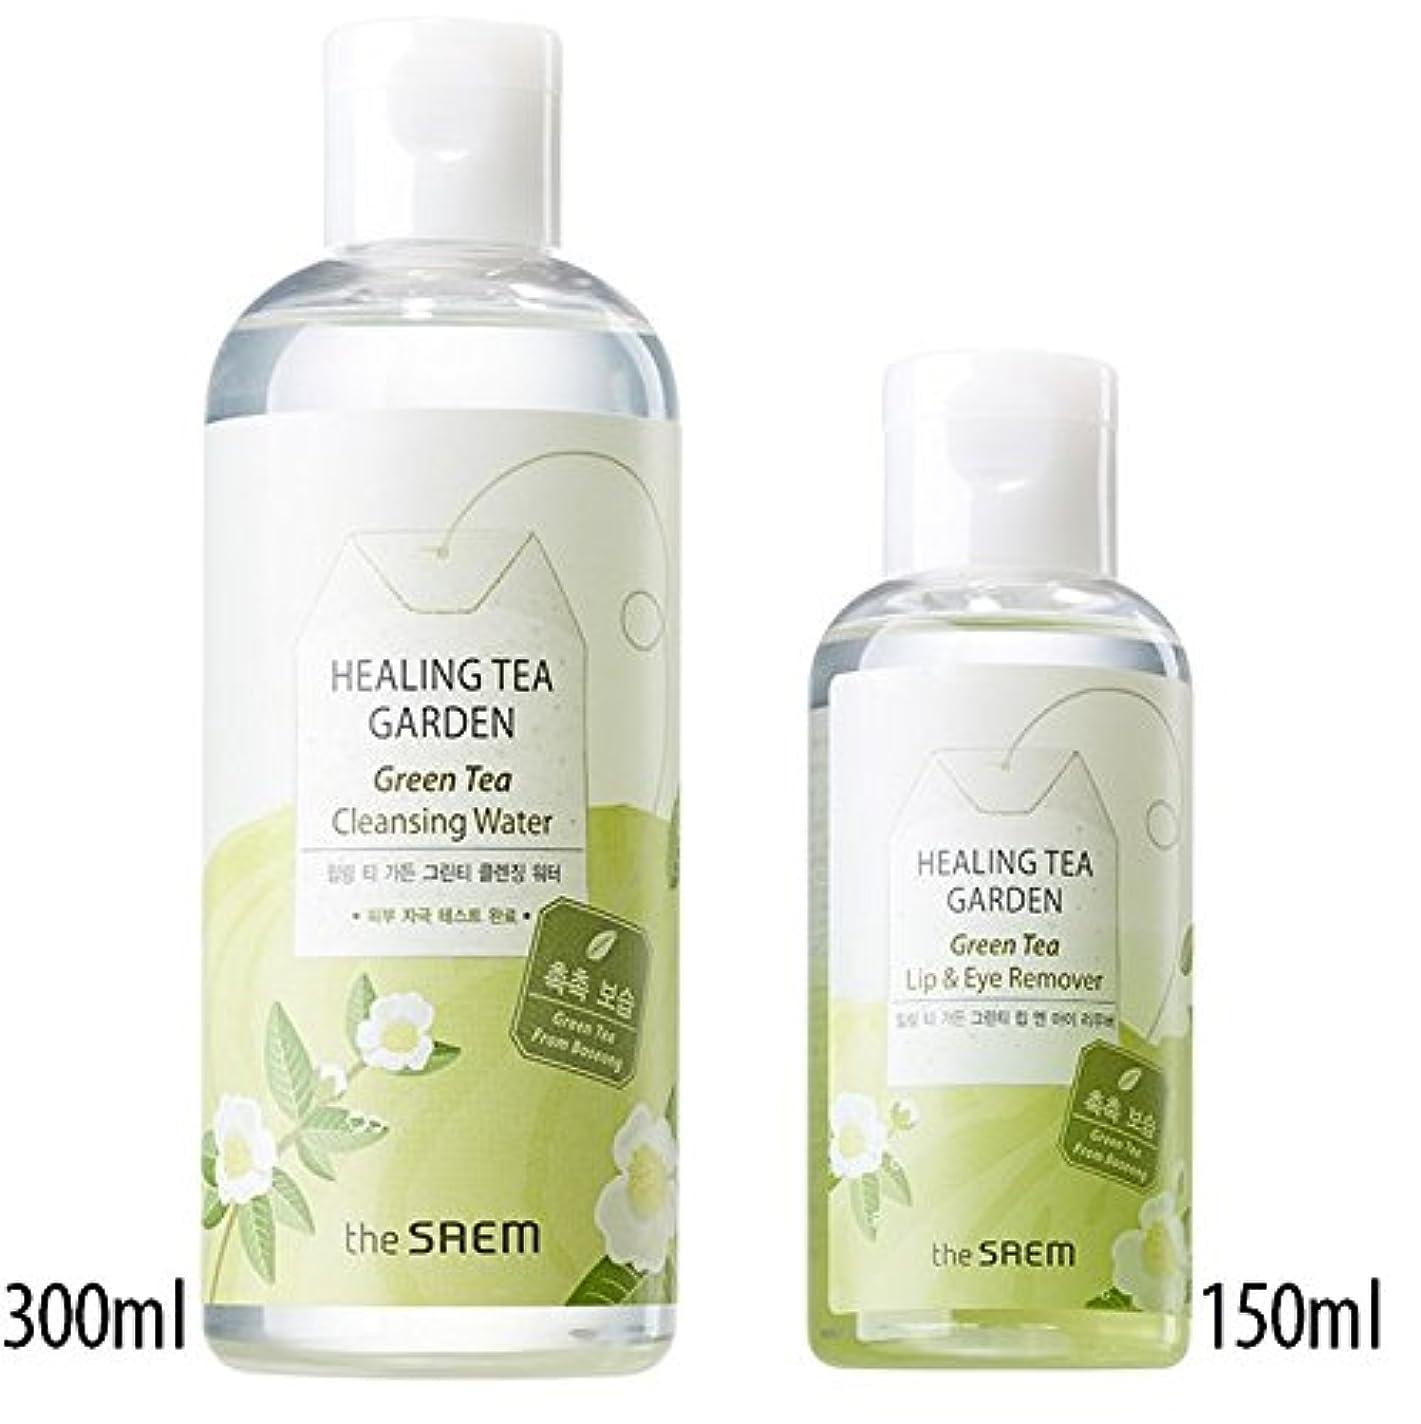 活力パン虚偽[1+1] The Saem Green Tea (Lip & Eye Remover + Cleansing Water)ザセム ヒーリングティーガーデングリーンティーリップ&アイリムーバー+ ヒー クレンジングウォーター...